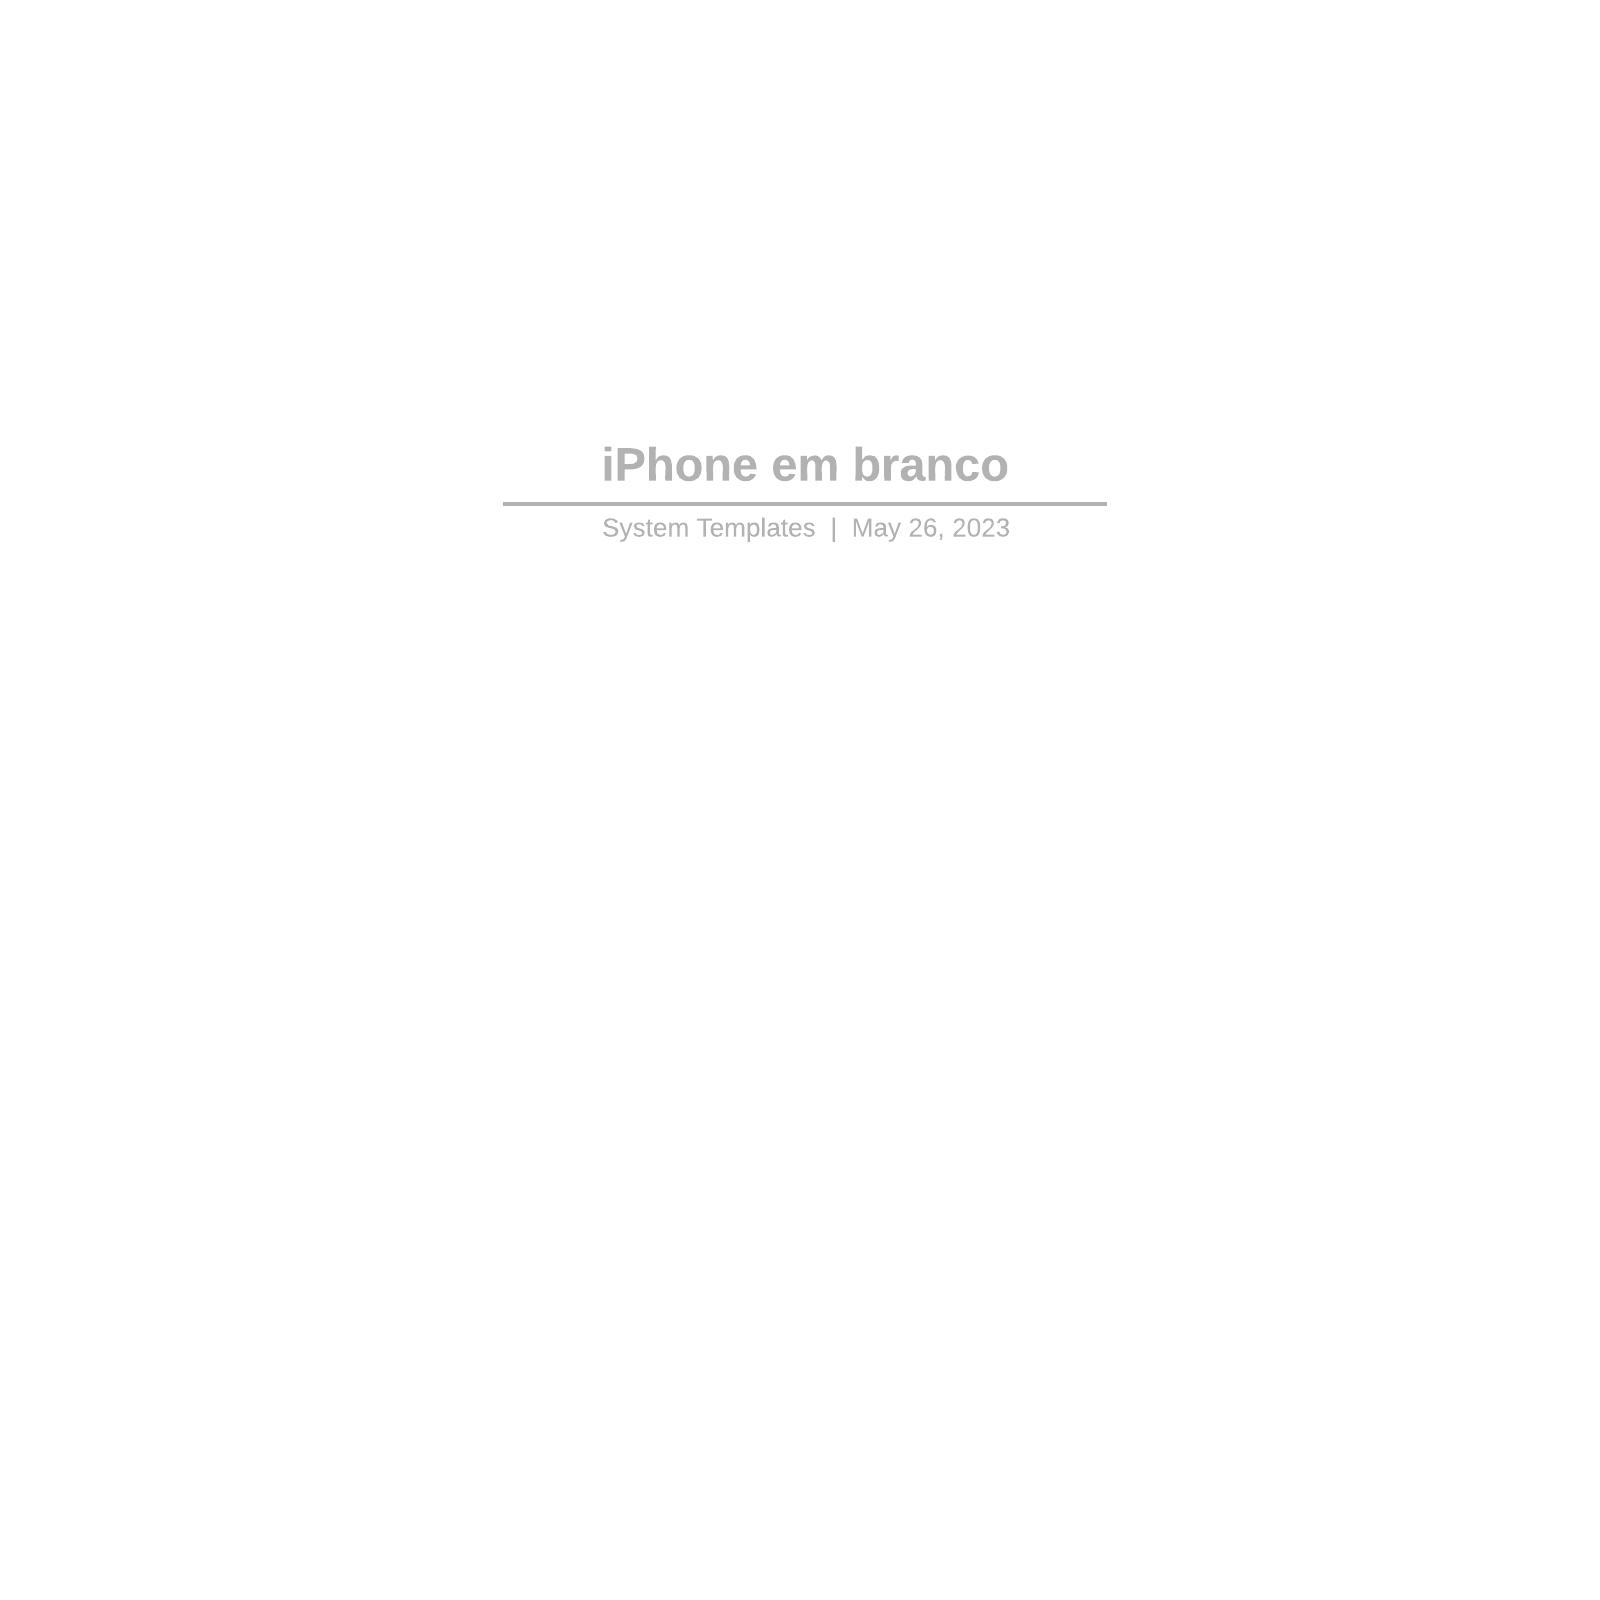 iPhone em branco